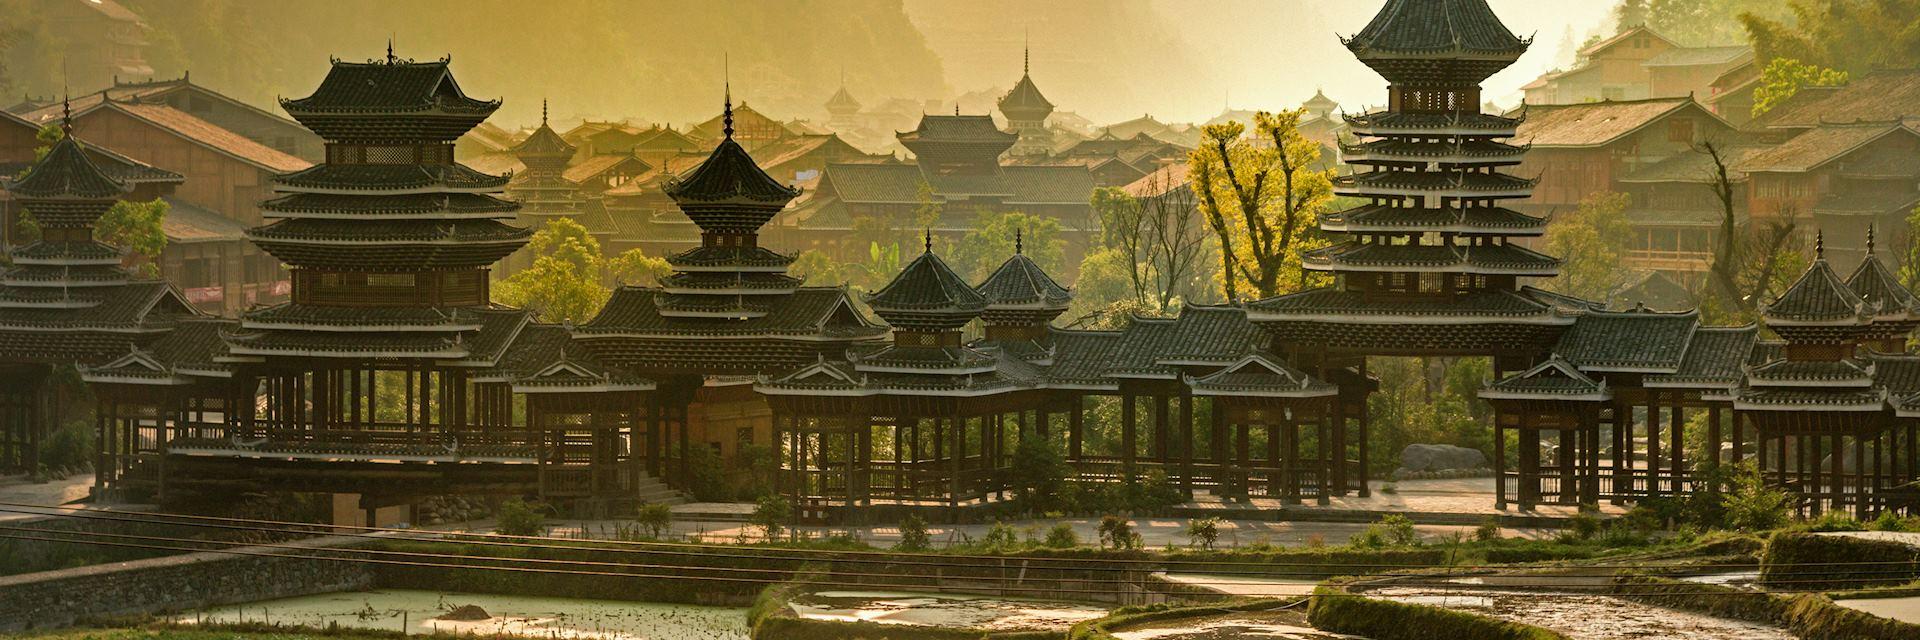 Zhaoxing